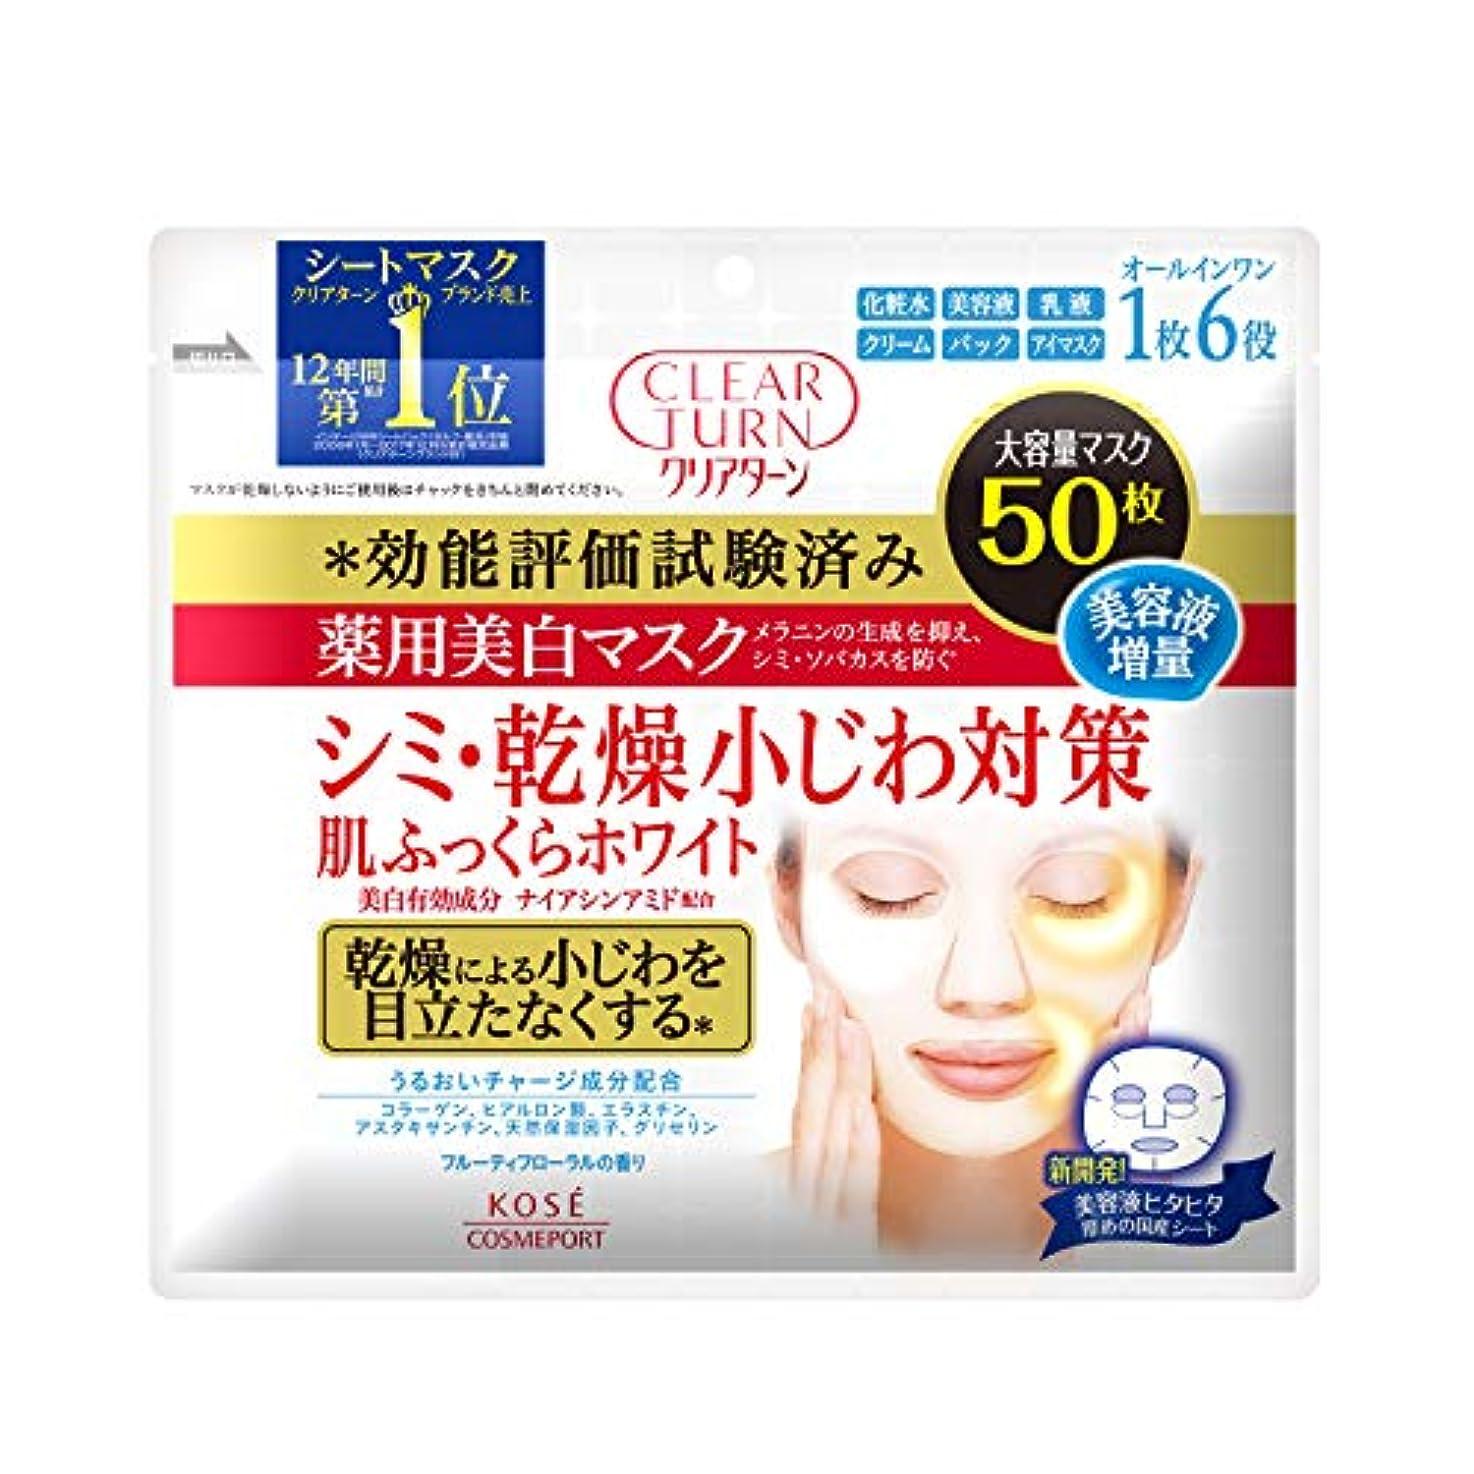 文字ピザ眠いですKOSE コーセー クリアターン 薬用美白 肌ホワイト マスク 50枚 フェイスマスク (医薬部外品)